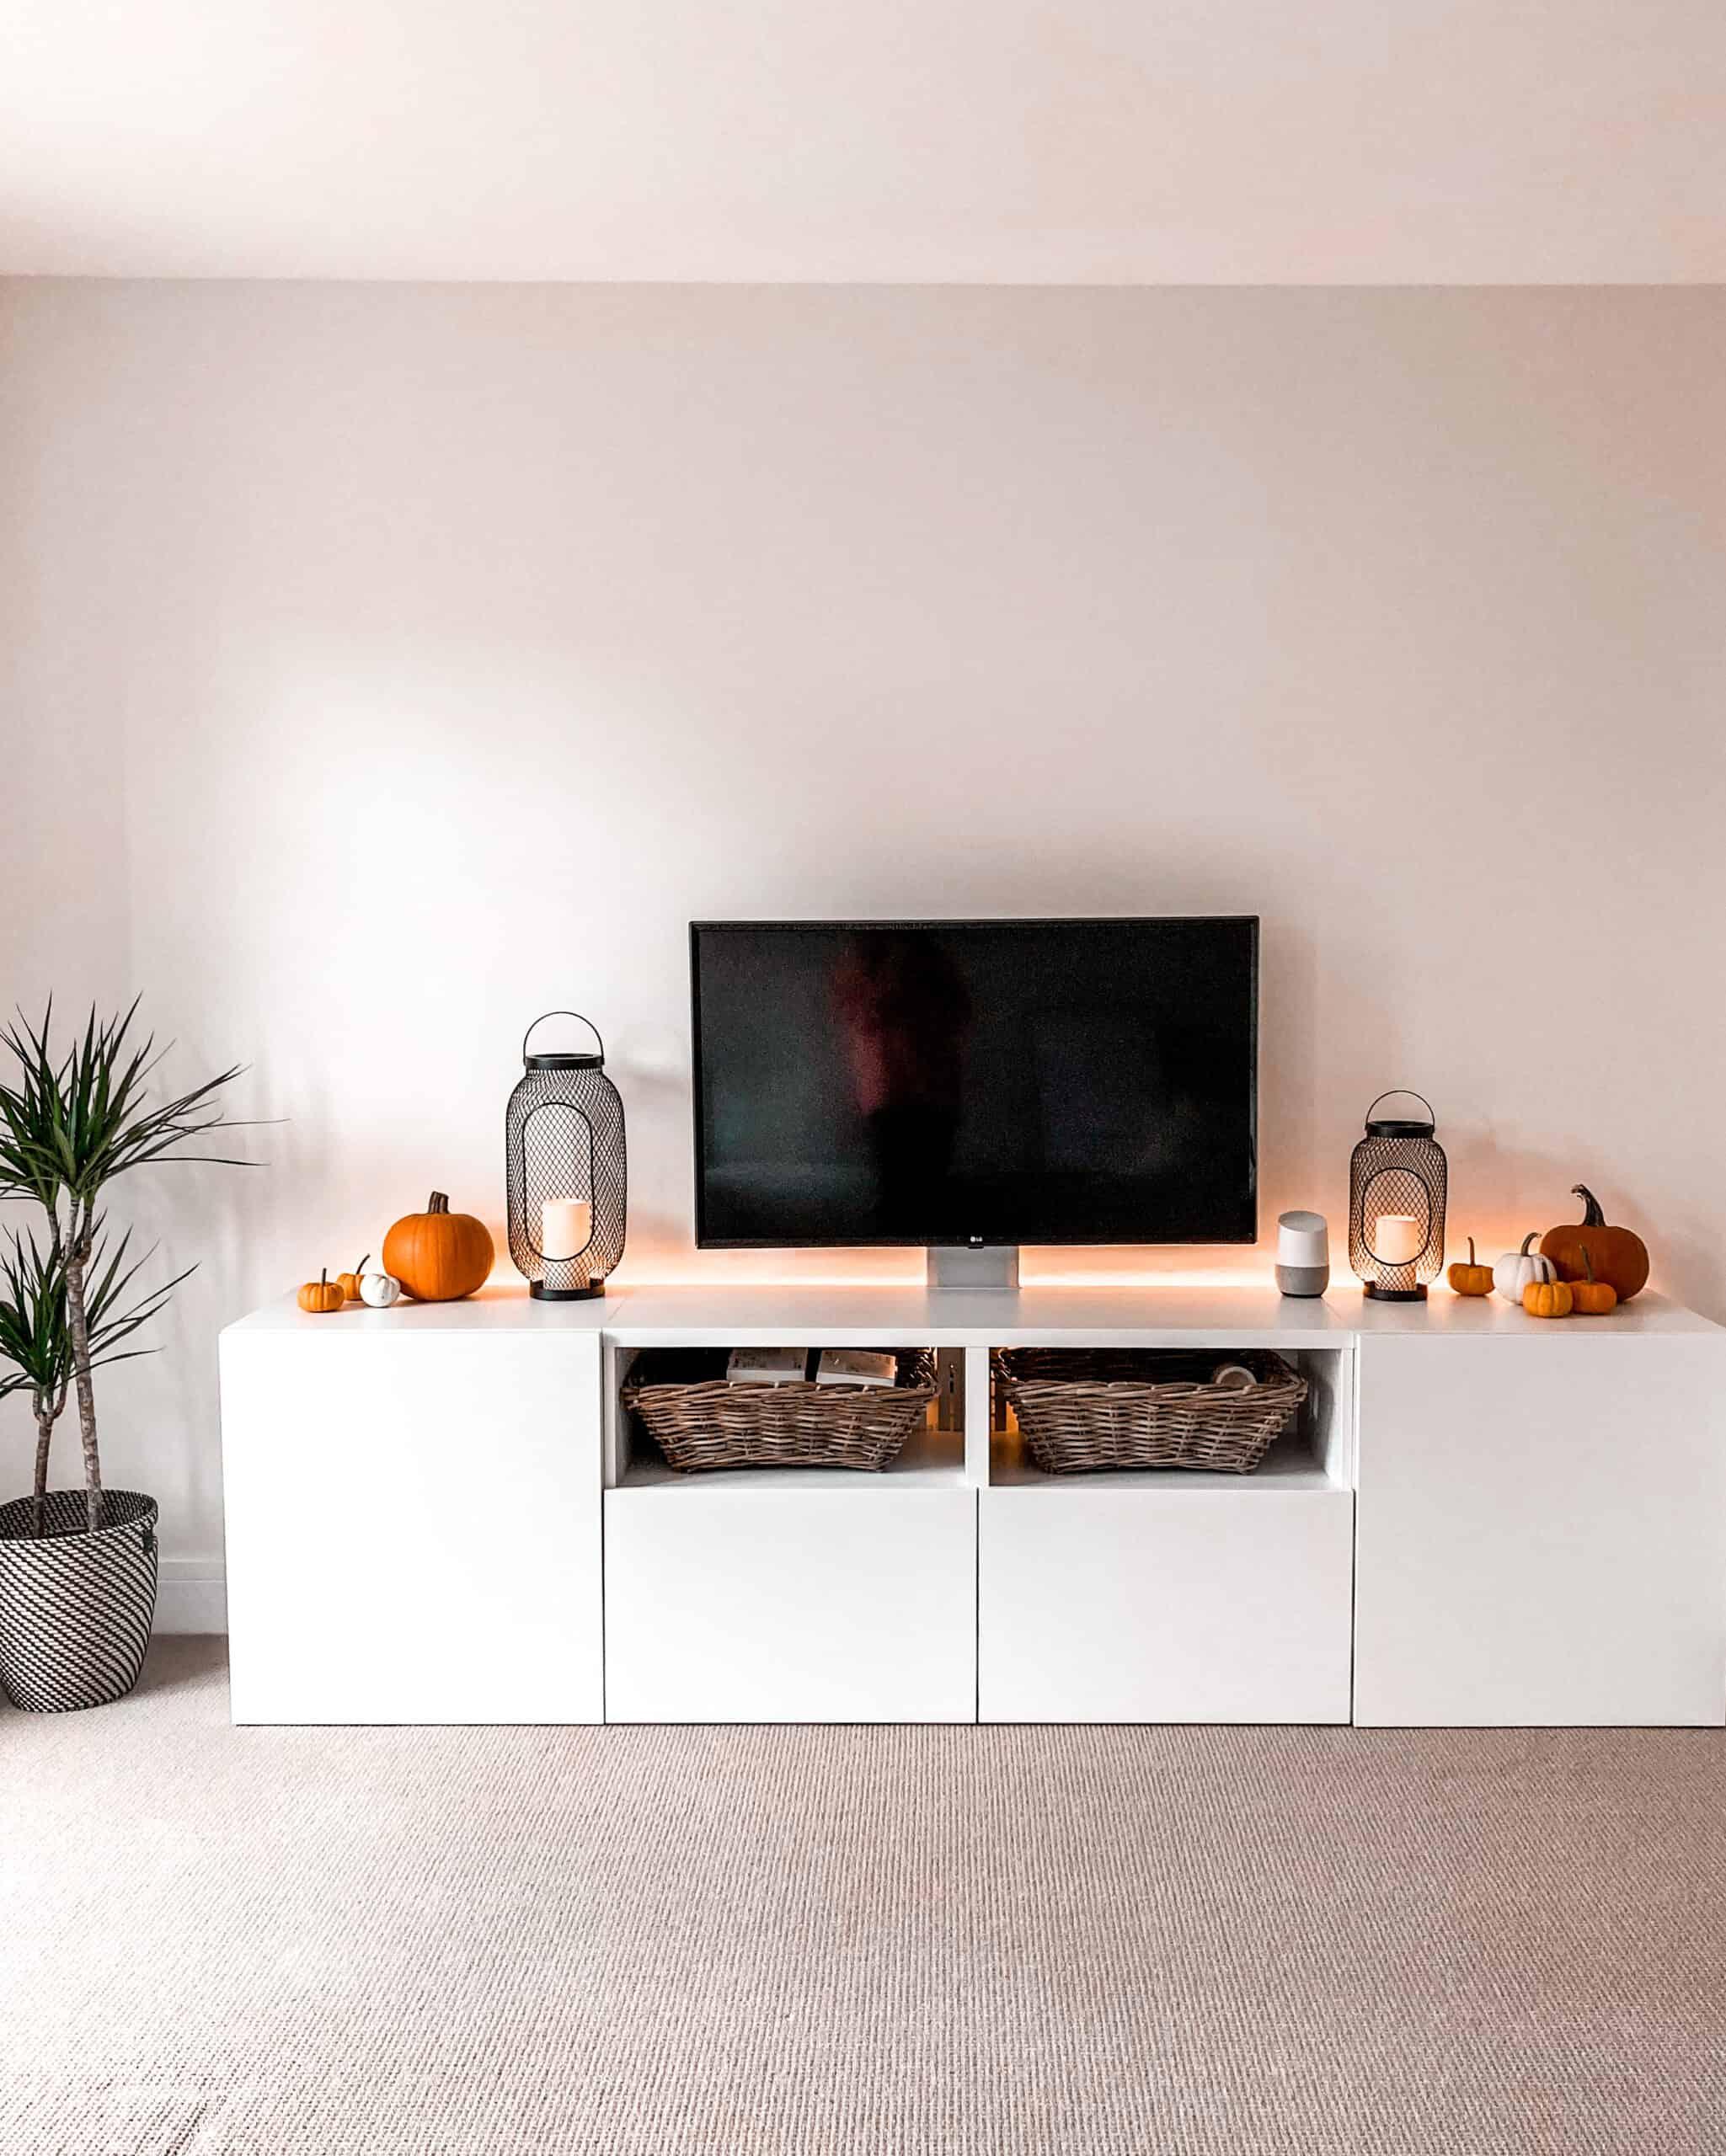 IKEA besta living toom tv stand minimal scandinavian